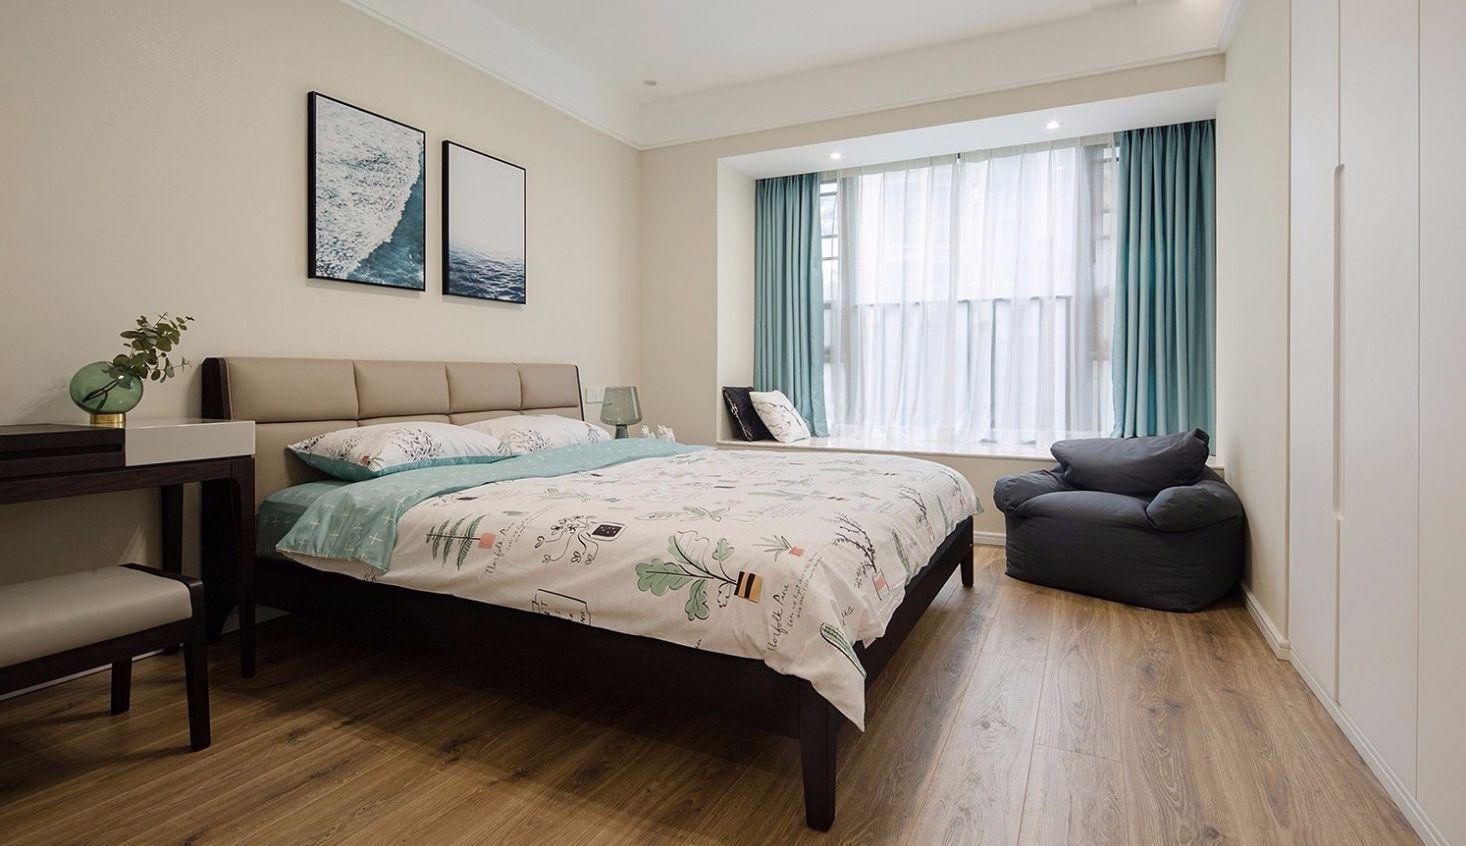 127㎡现代简约卧室装修效果图